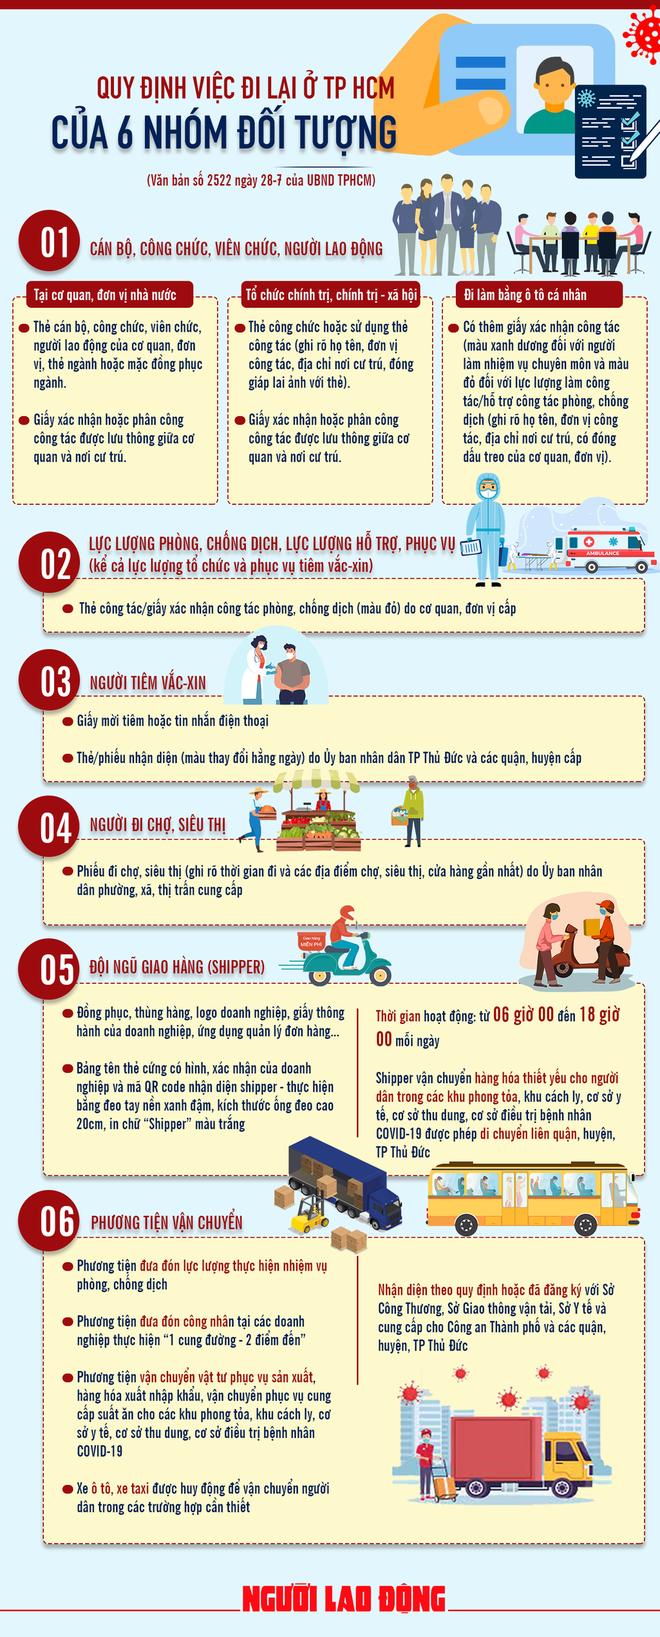 Infographic: Quy định mới nhất việc đi lại ở TP.HCM trong thời gian giãn cách - ảnh 1